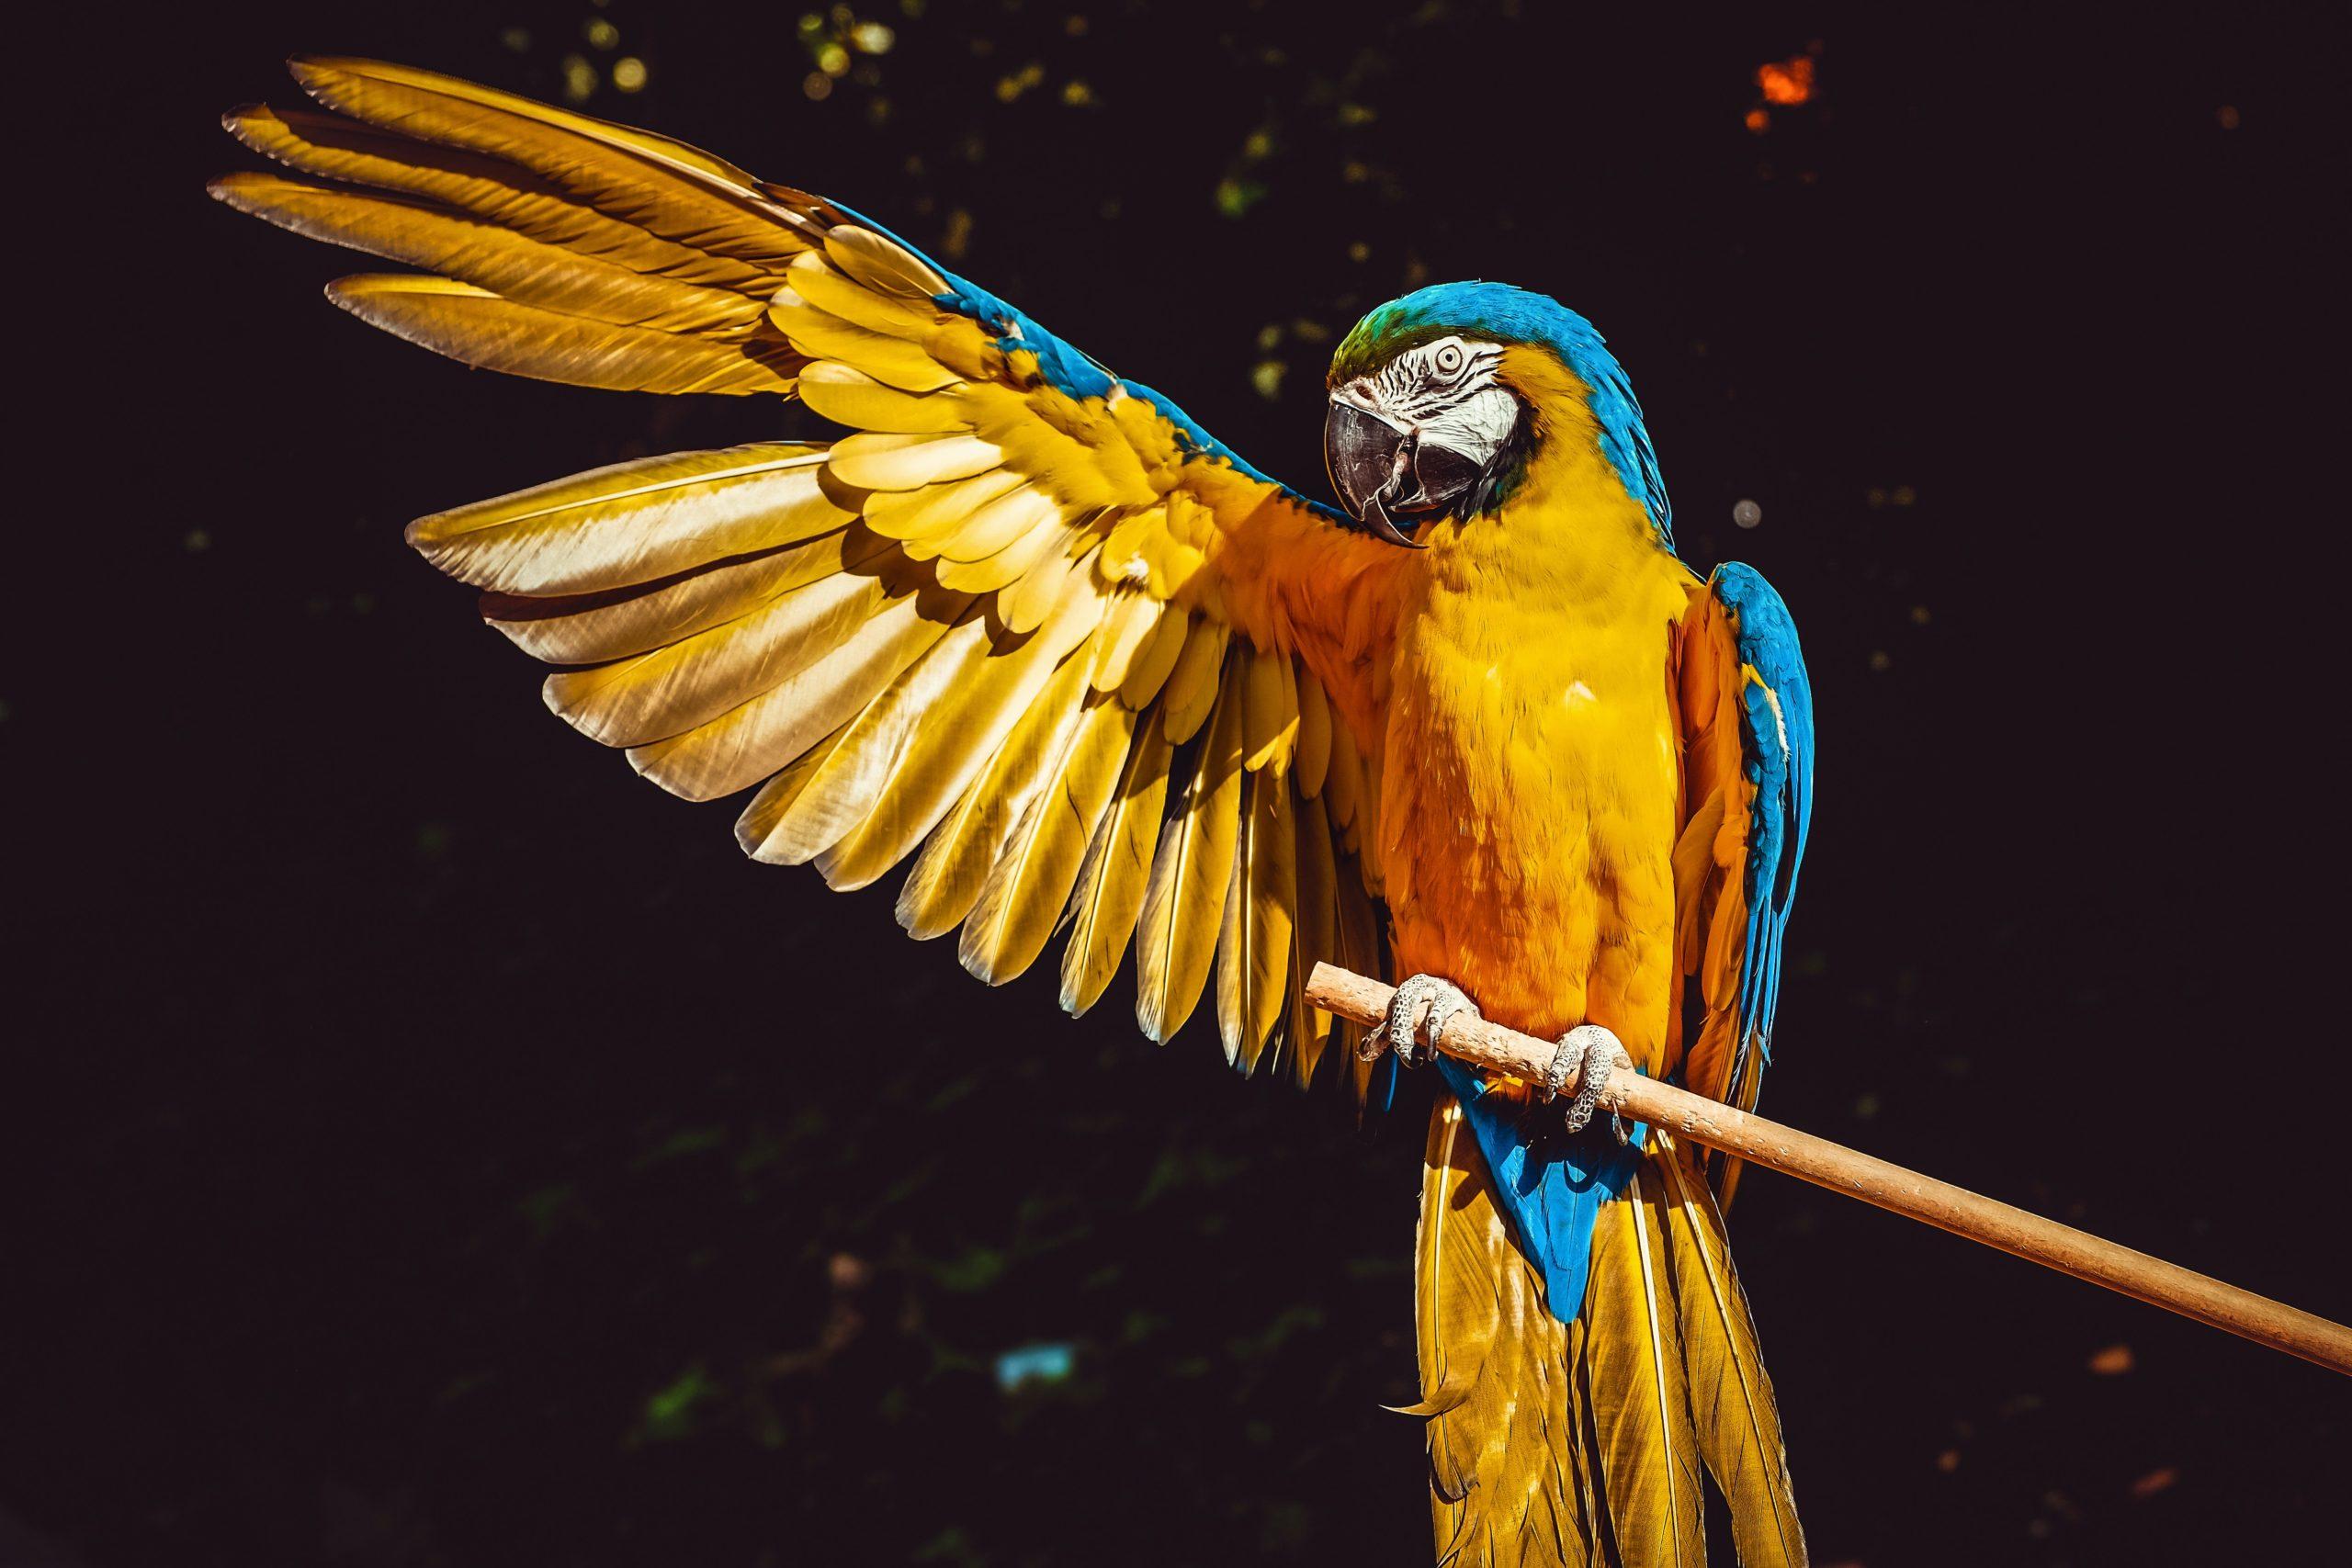 pet bird species